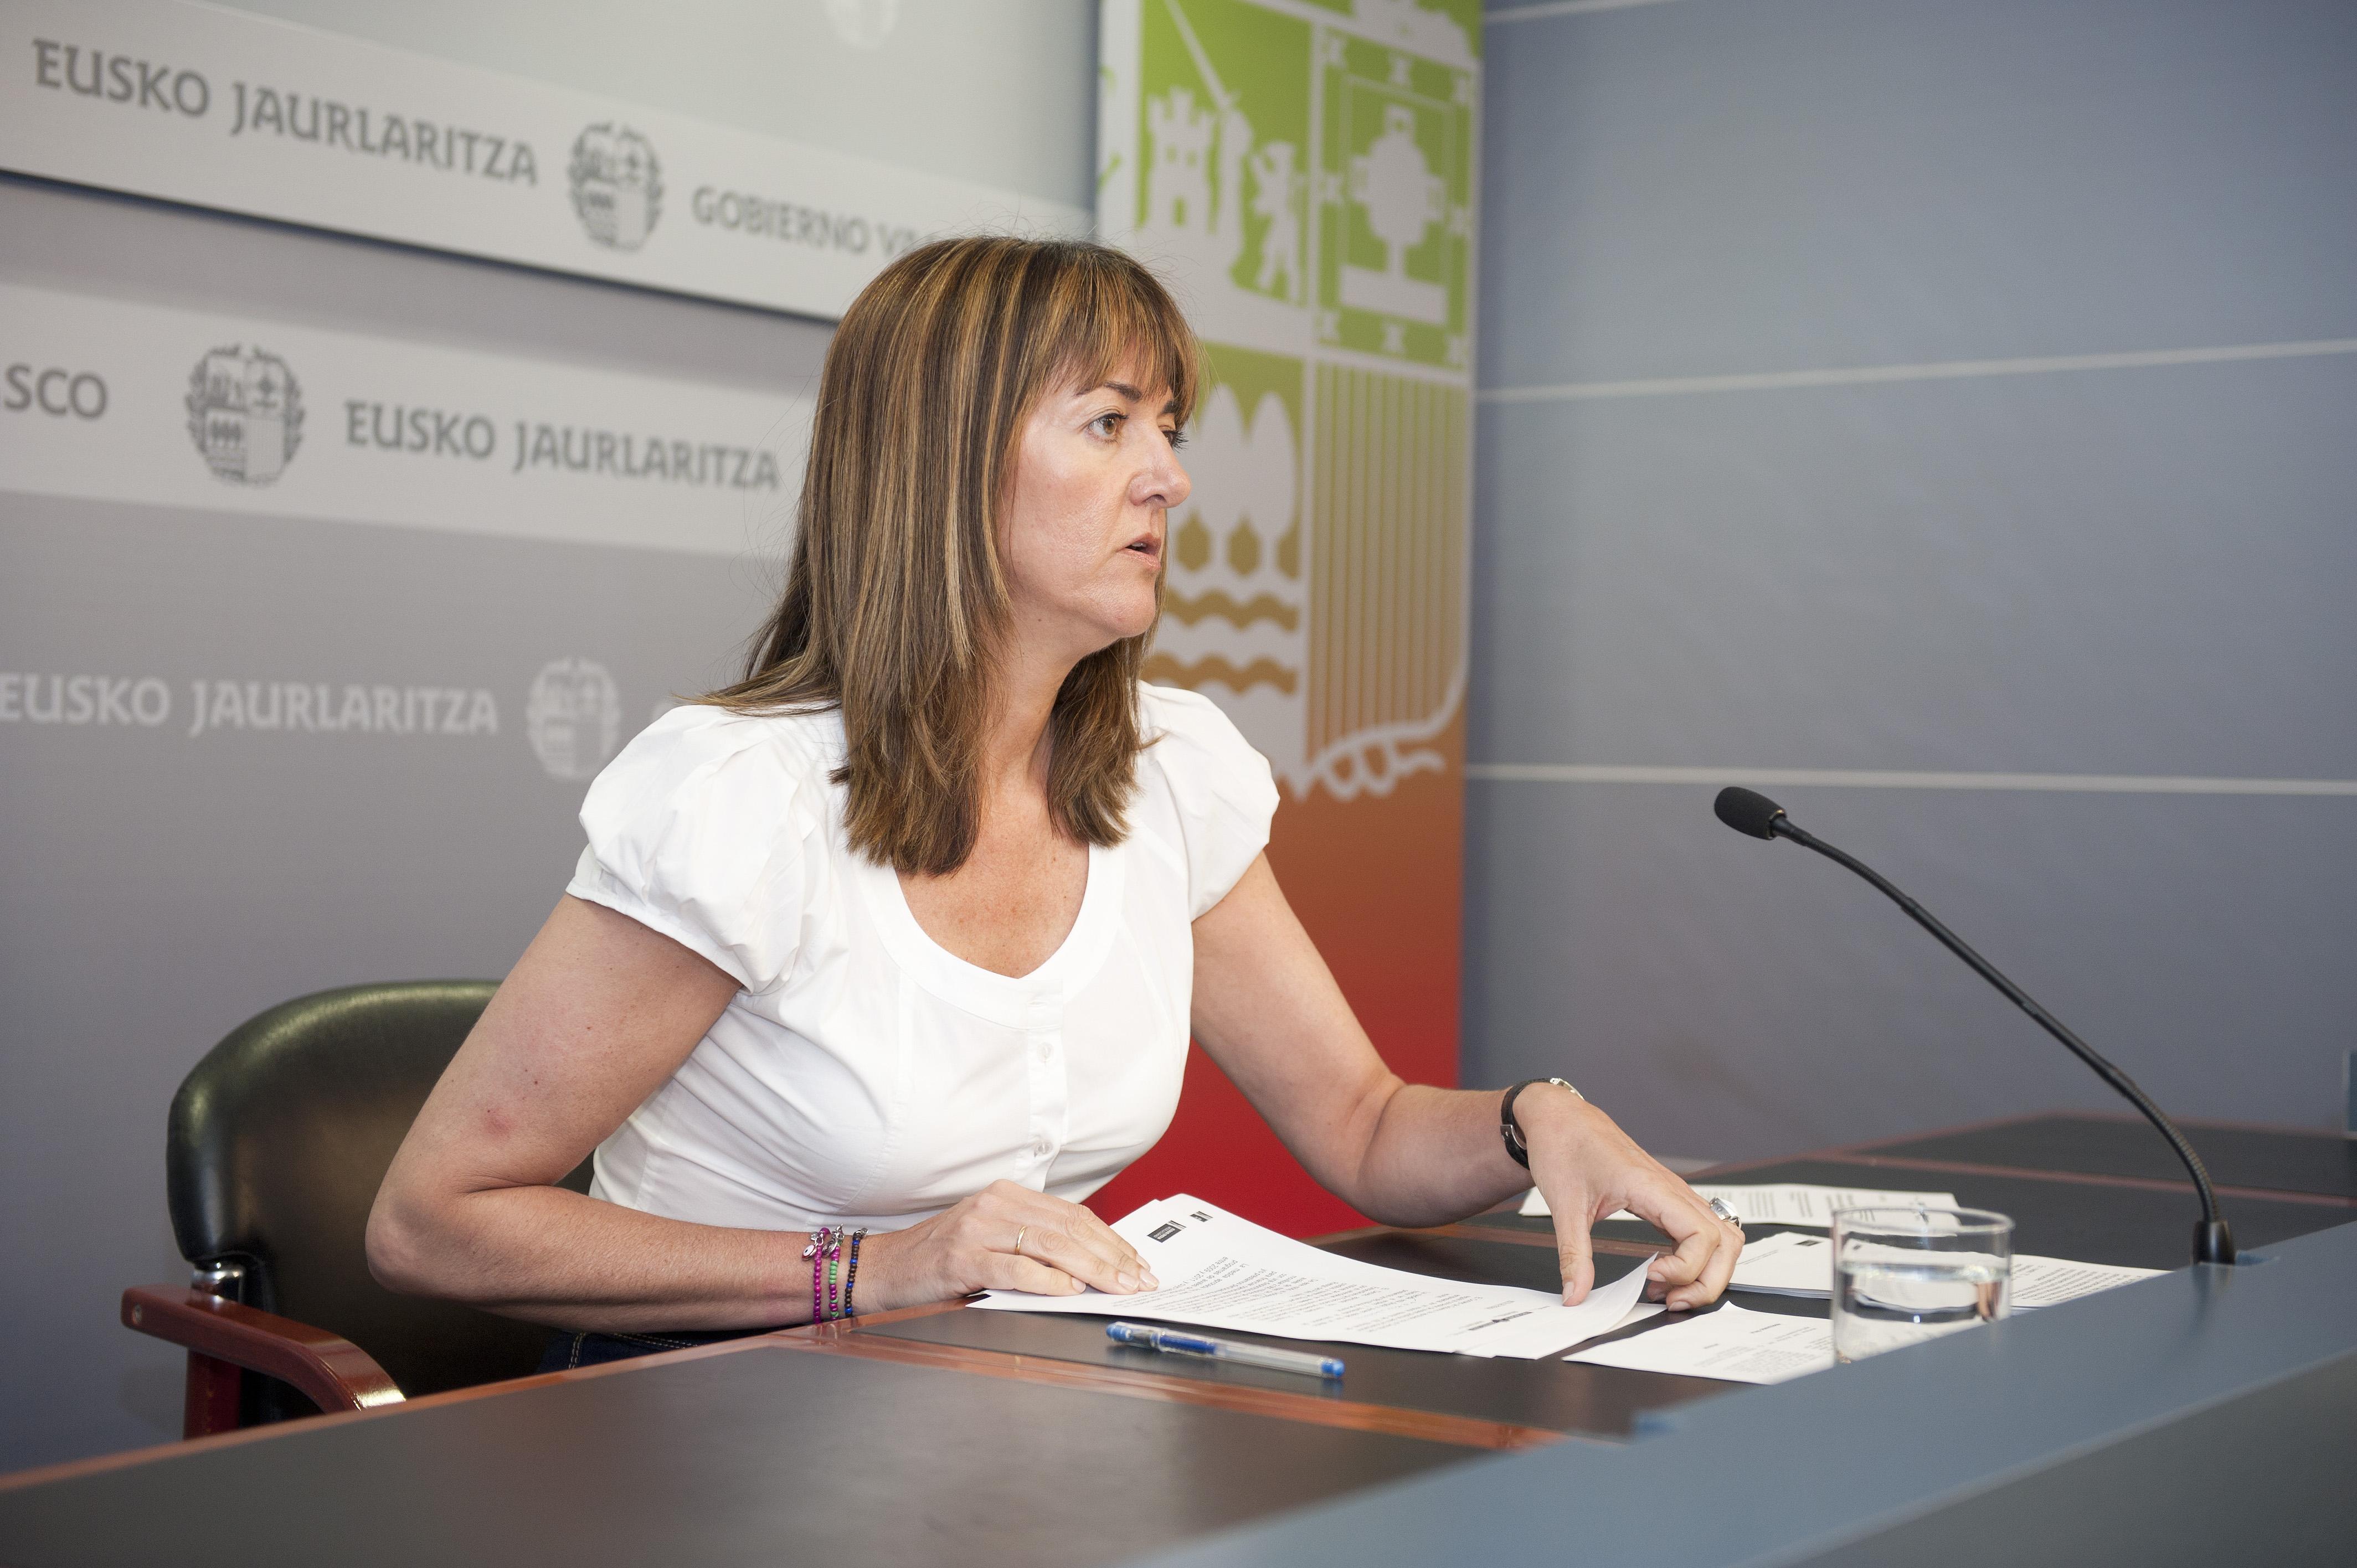 2012_07_10_mendia_rueda_prensa_02.jpg